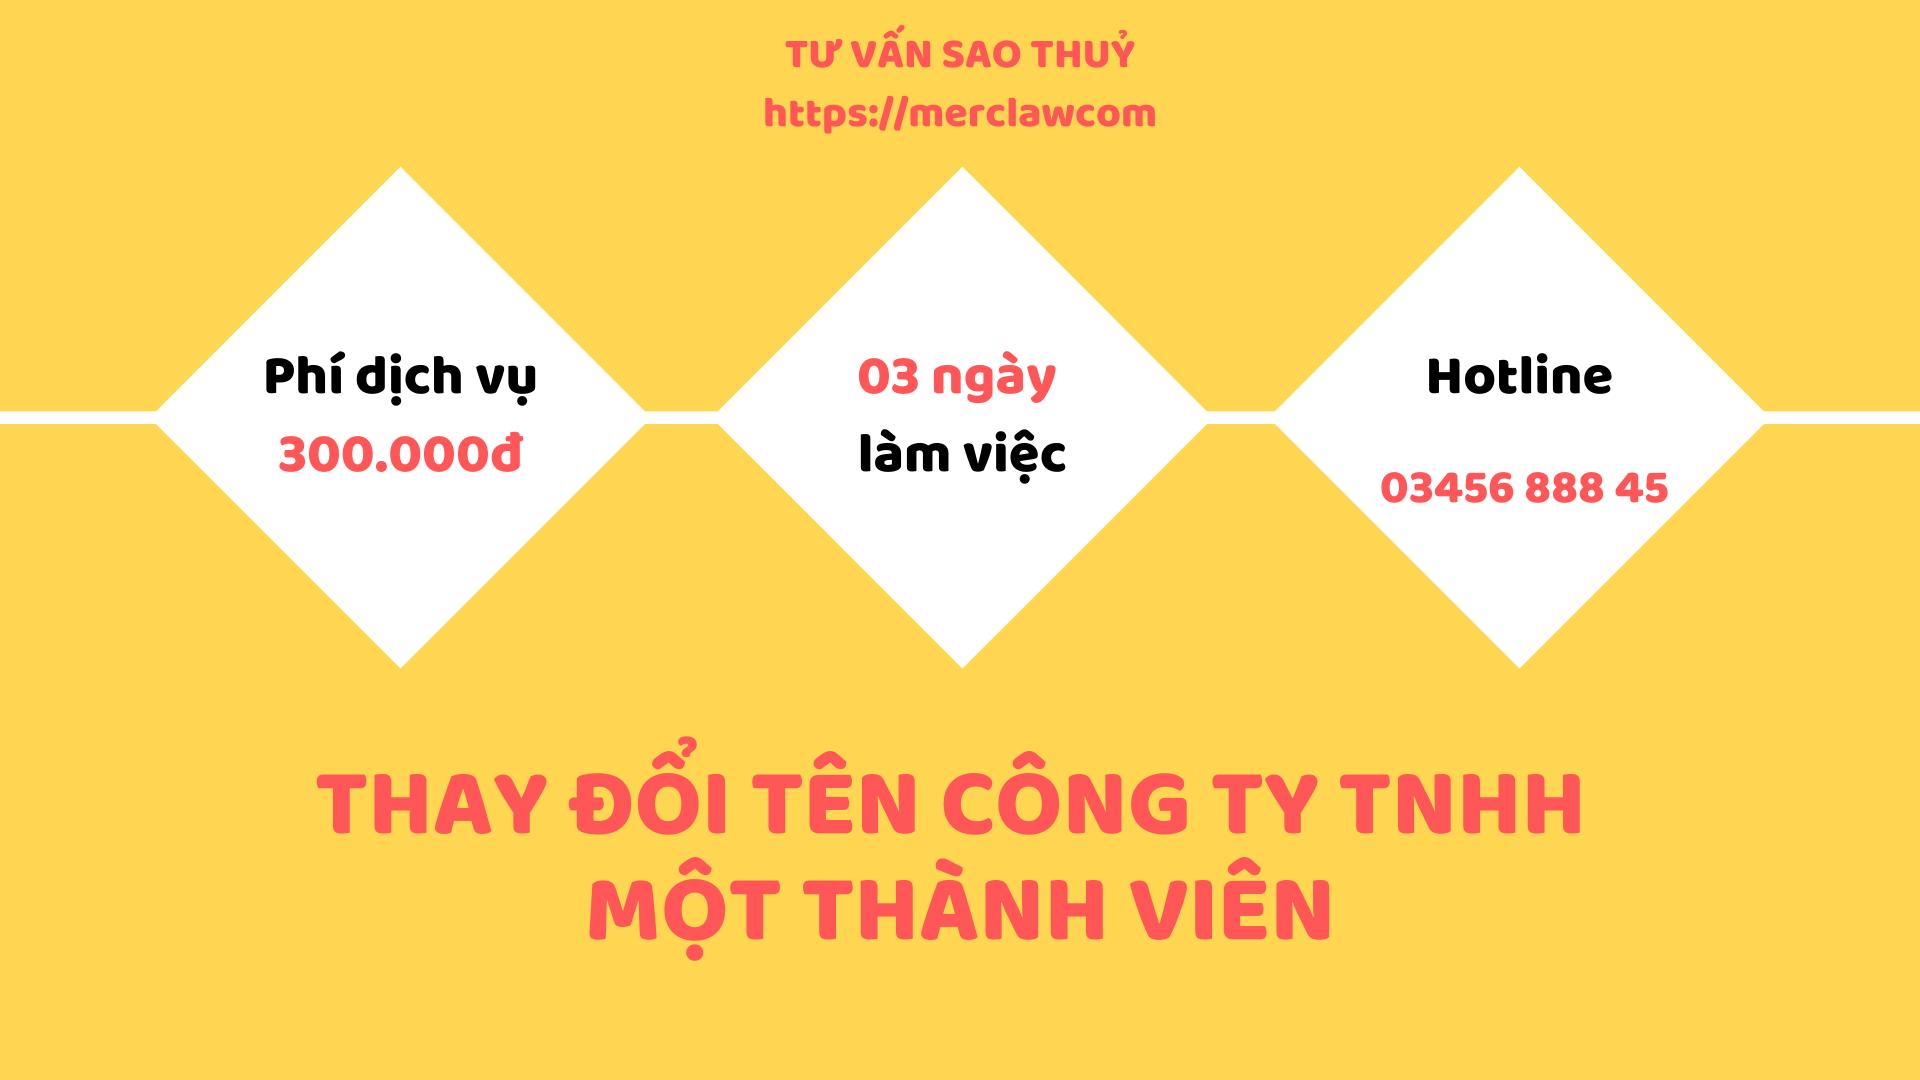 thay đổi tên công ty TNHH